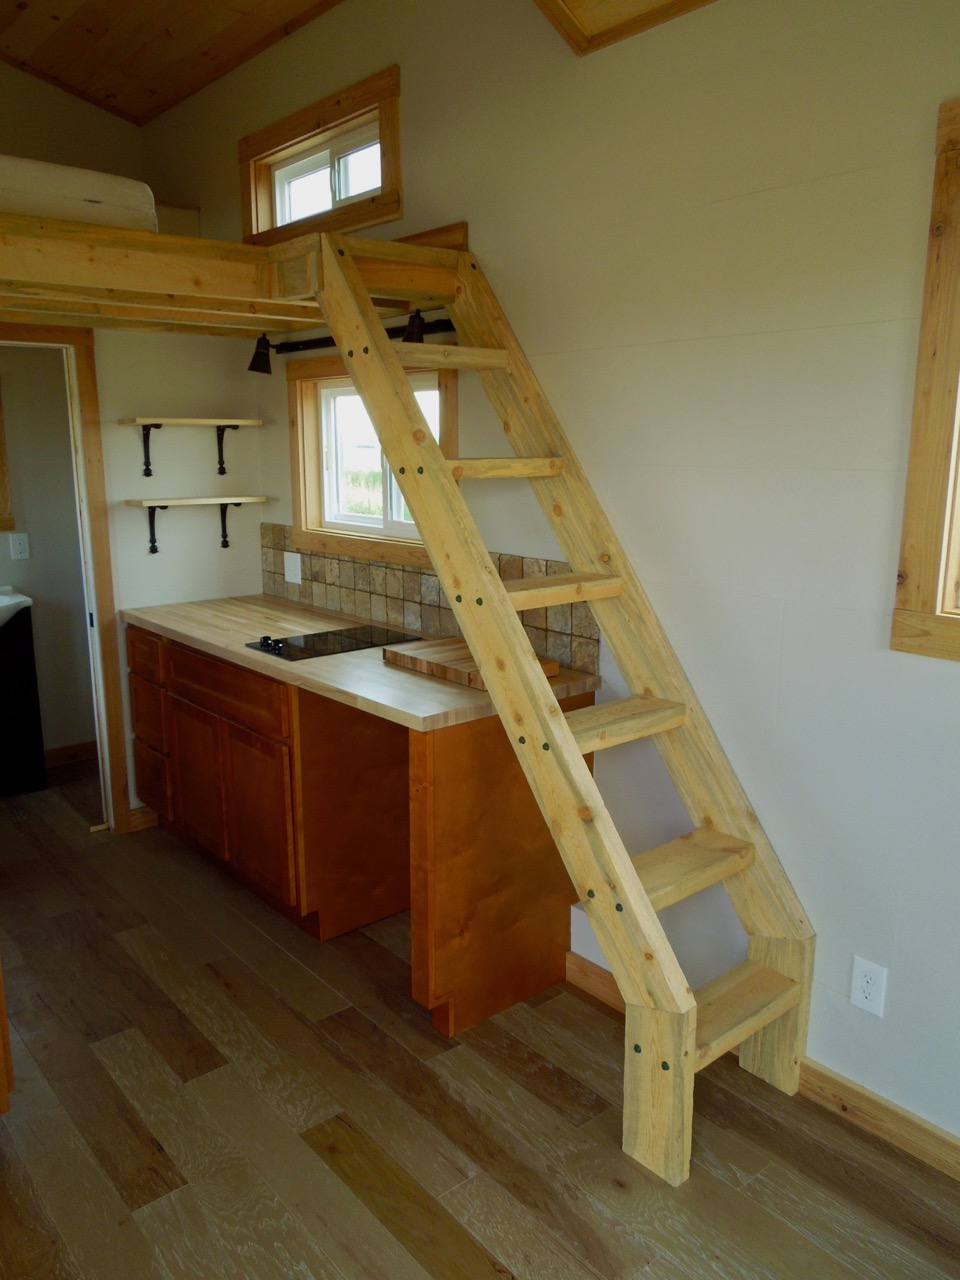 Wheelhouse-tiny-homes-37.jpg